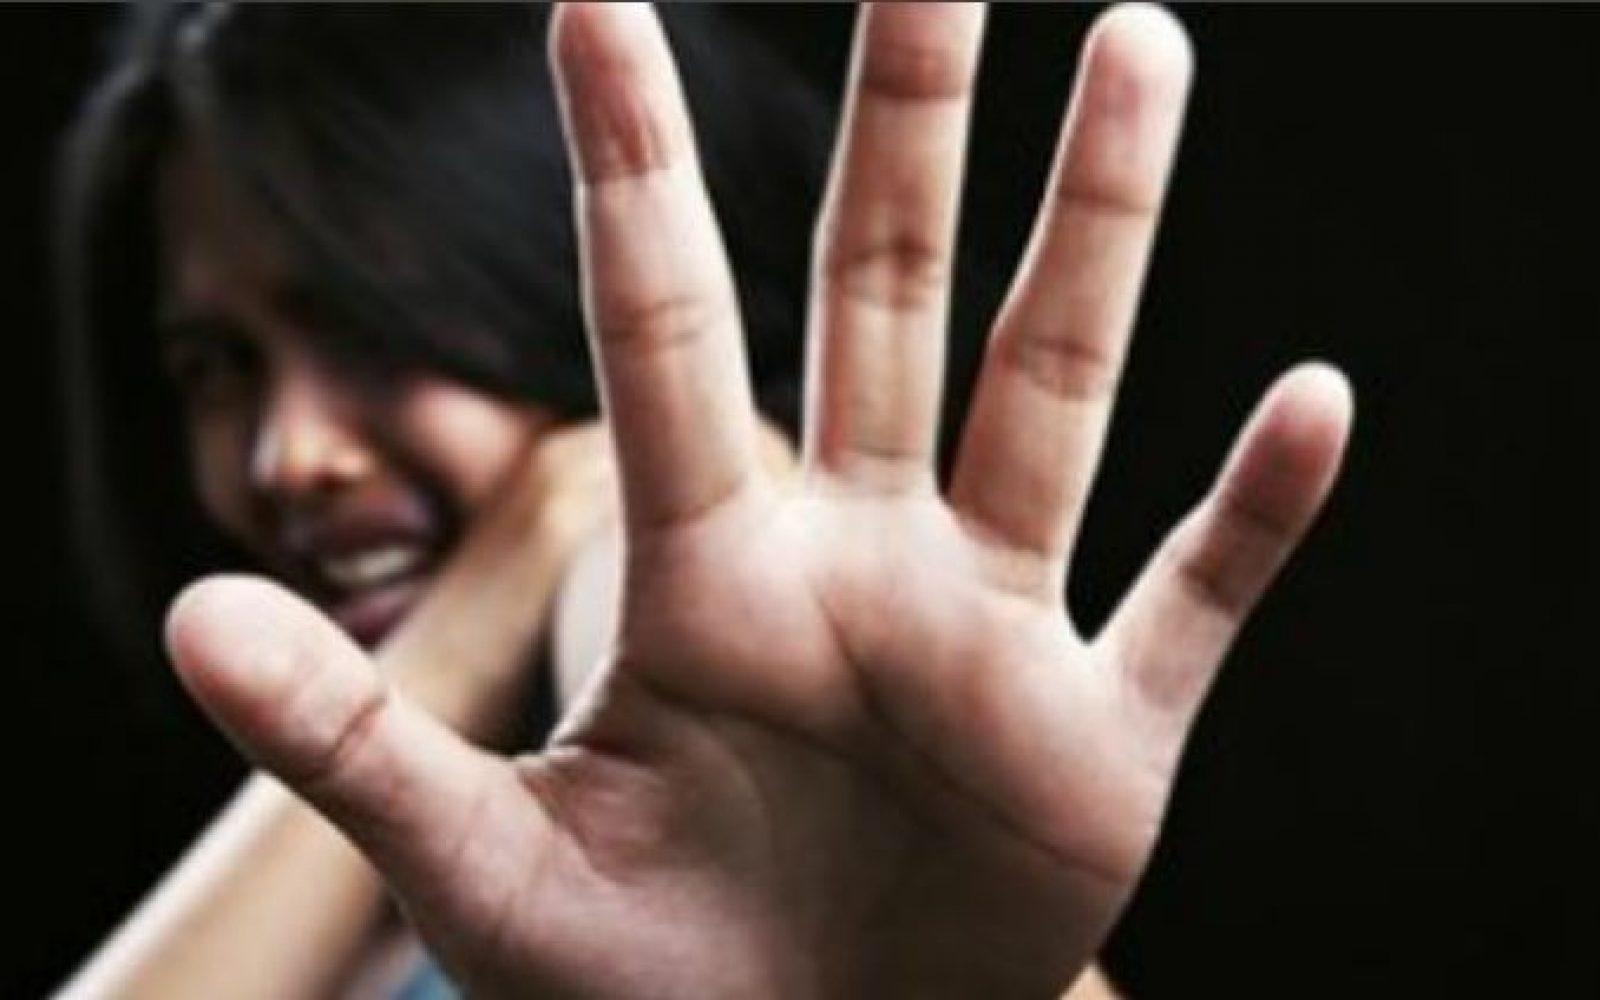 التحرش الجنسي أصبح ظاهرة تهدد المجتمع المصري